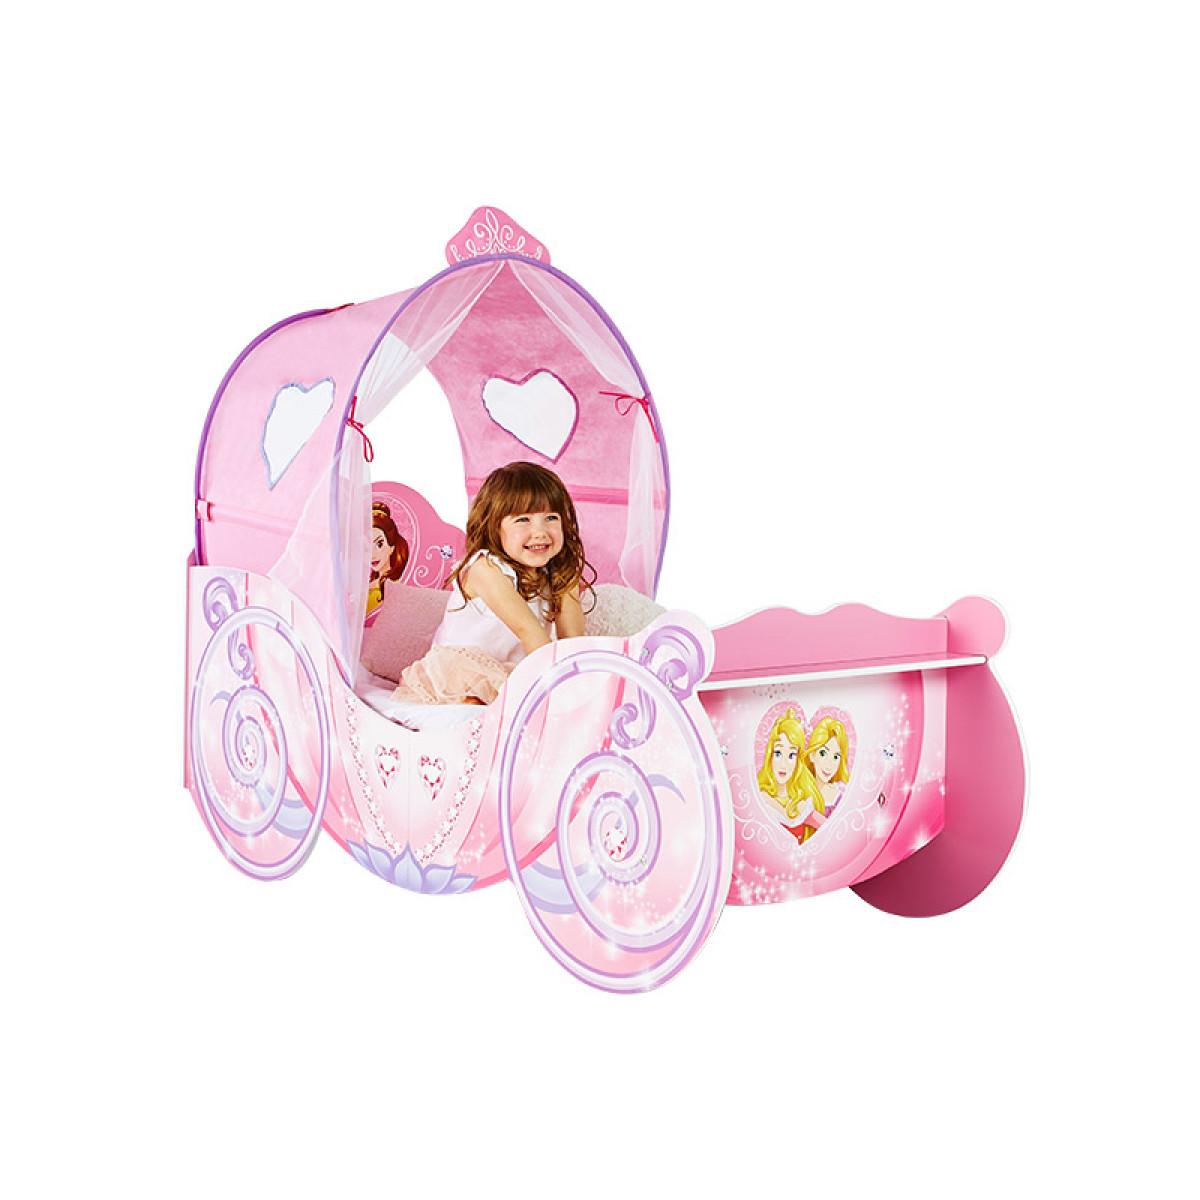 24v disney princess carriage rideon walmartcom